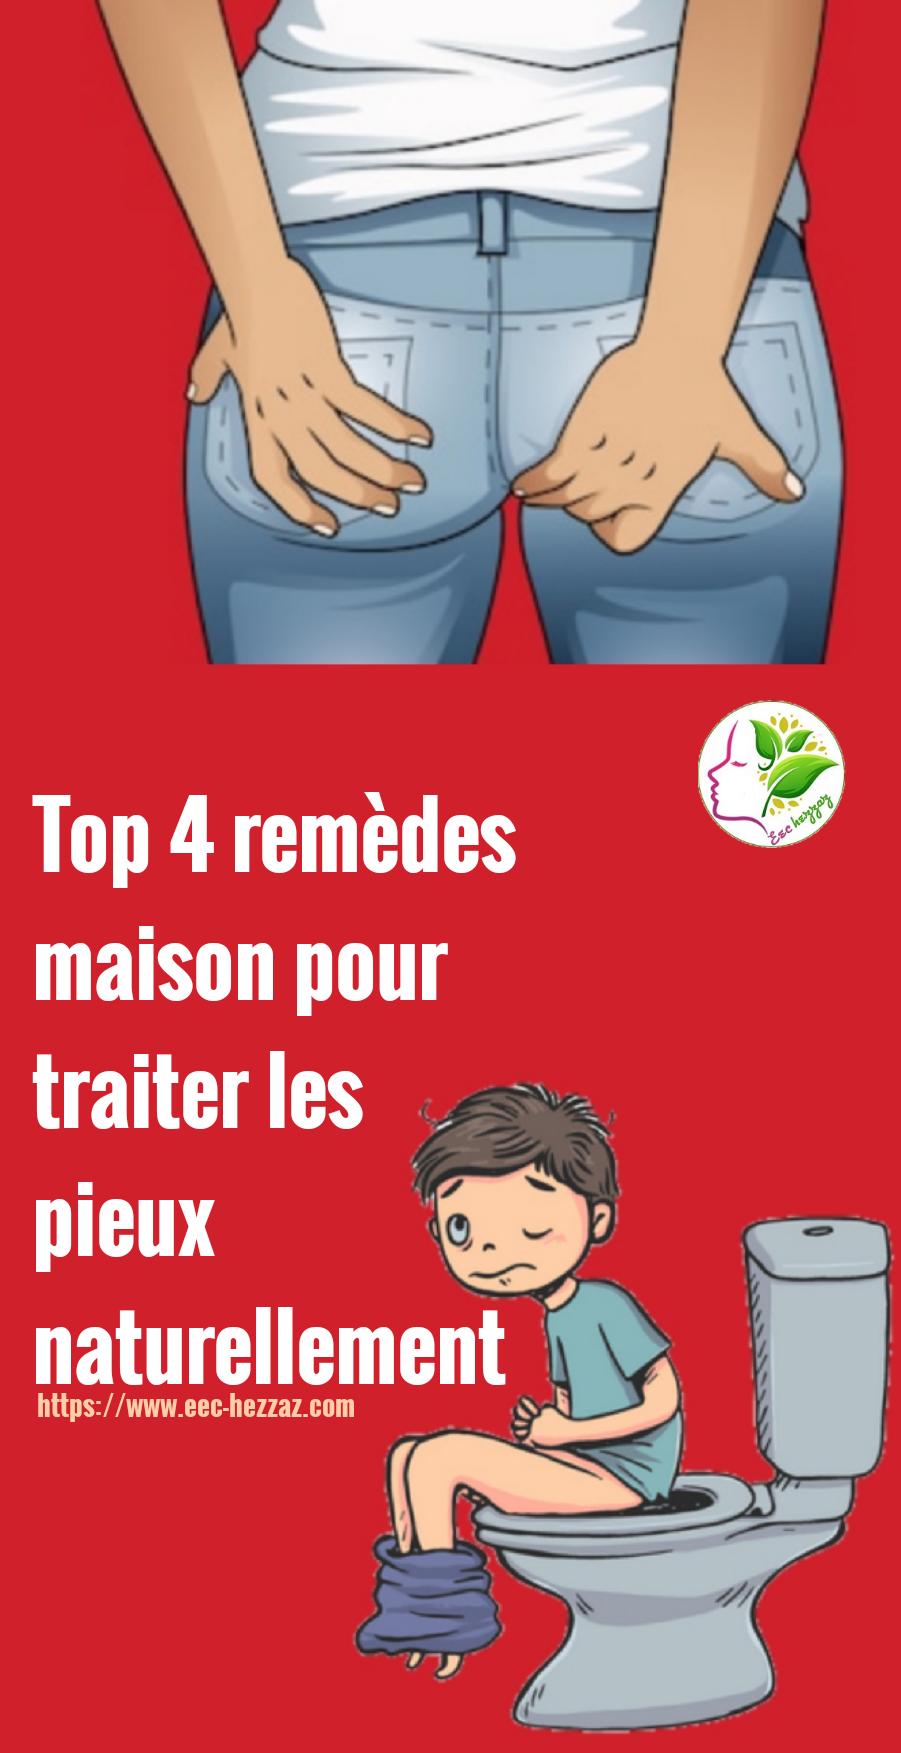 Top 4 remèdes maison pour traiter les pieux naturellement